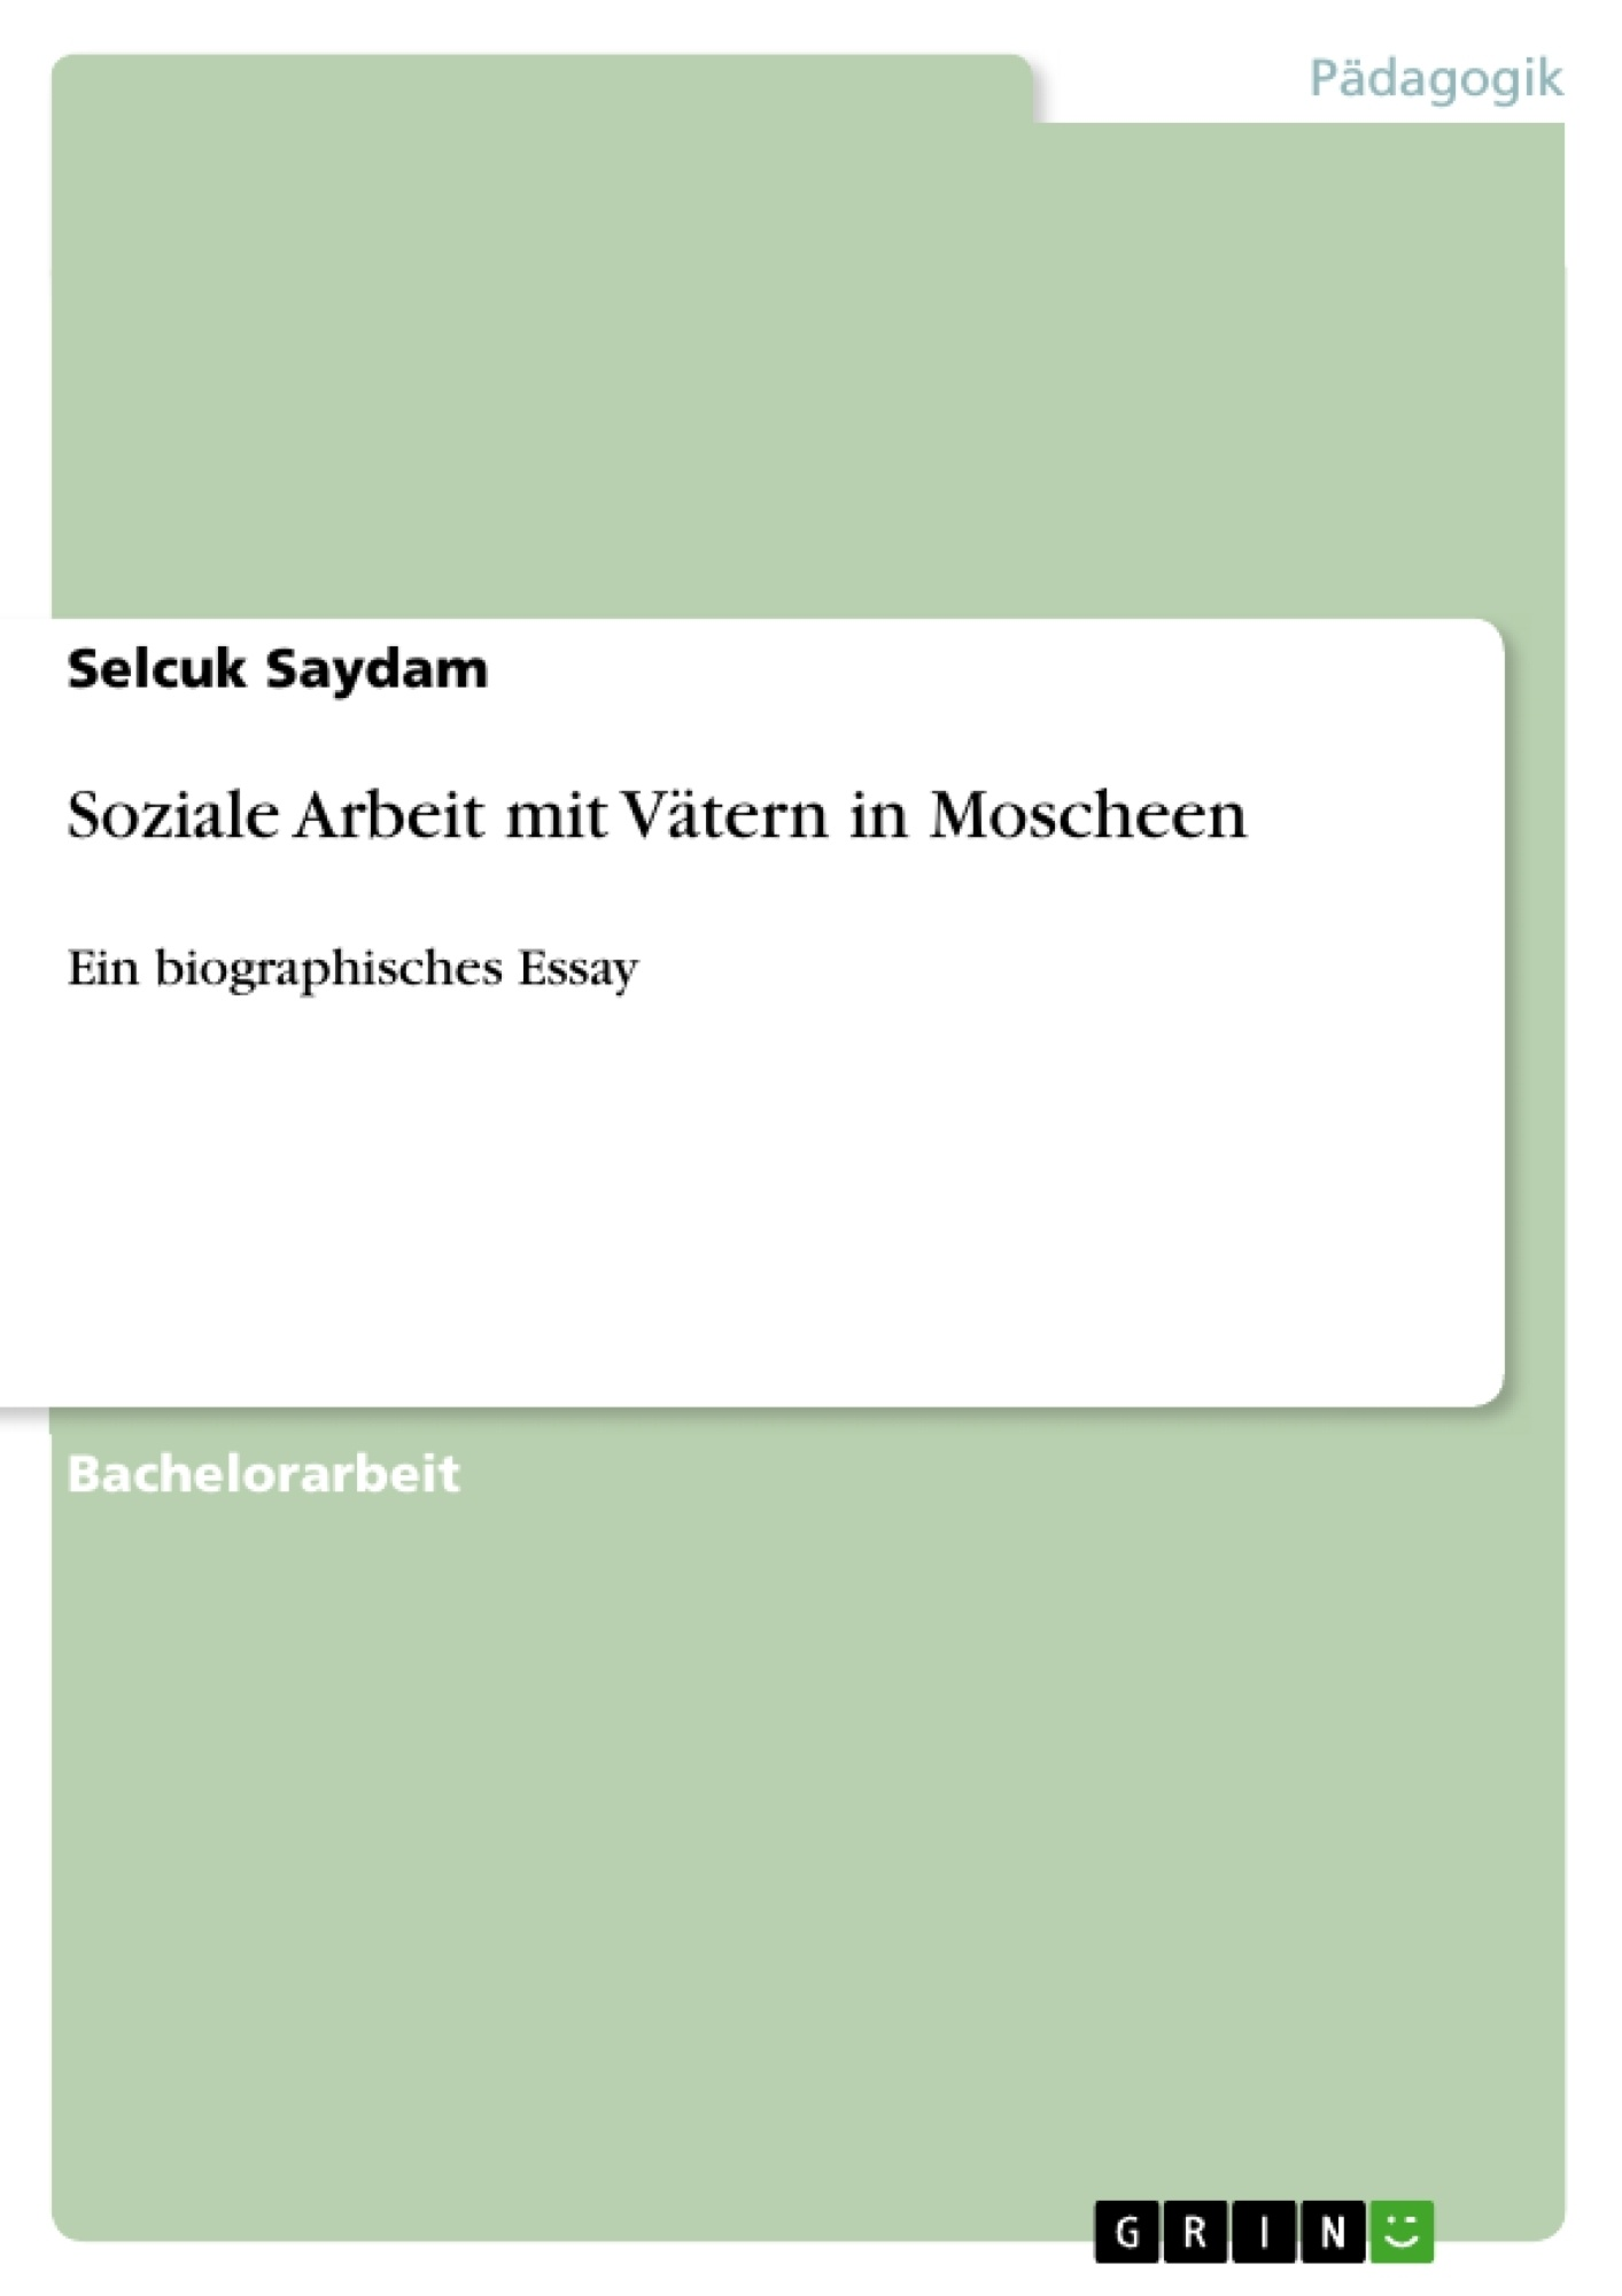 Titel: Soziale Arbeit mit Vätern in Moscheen